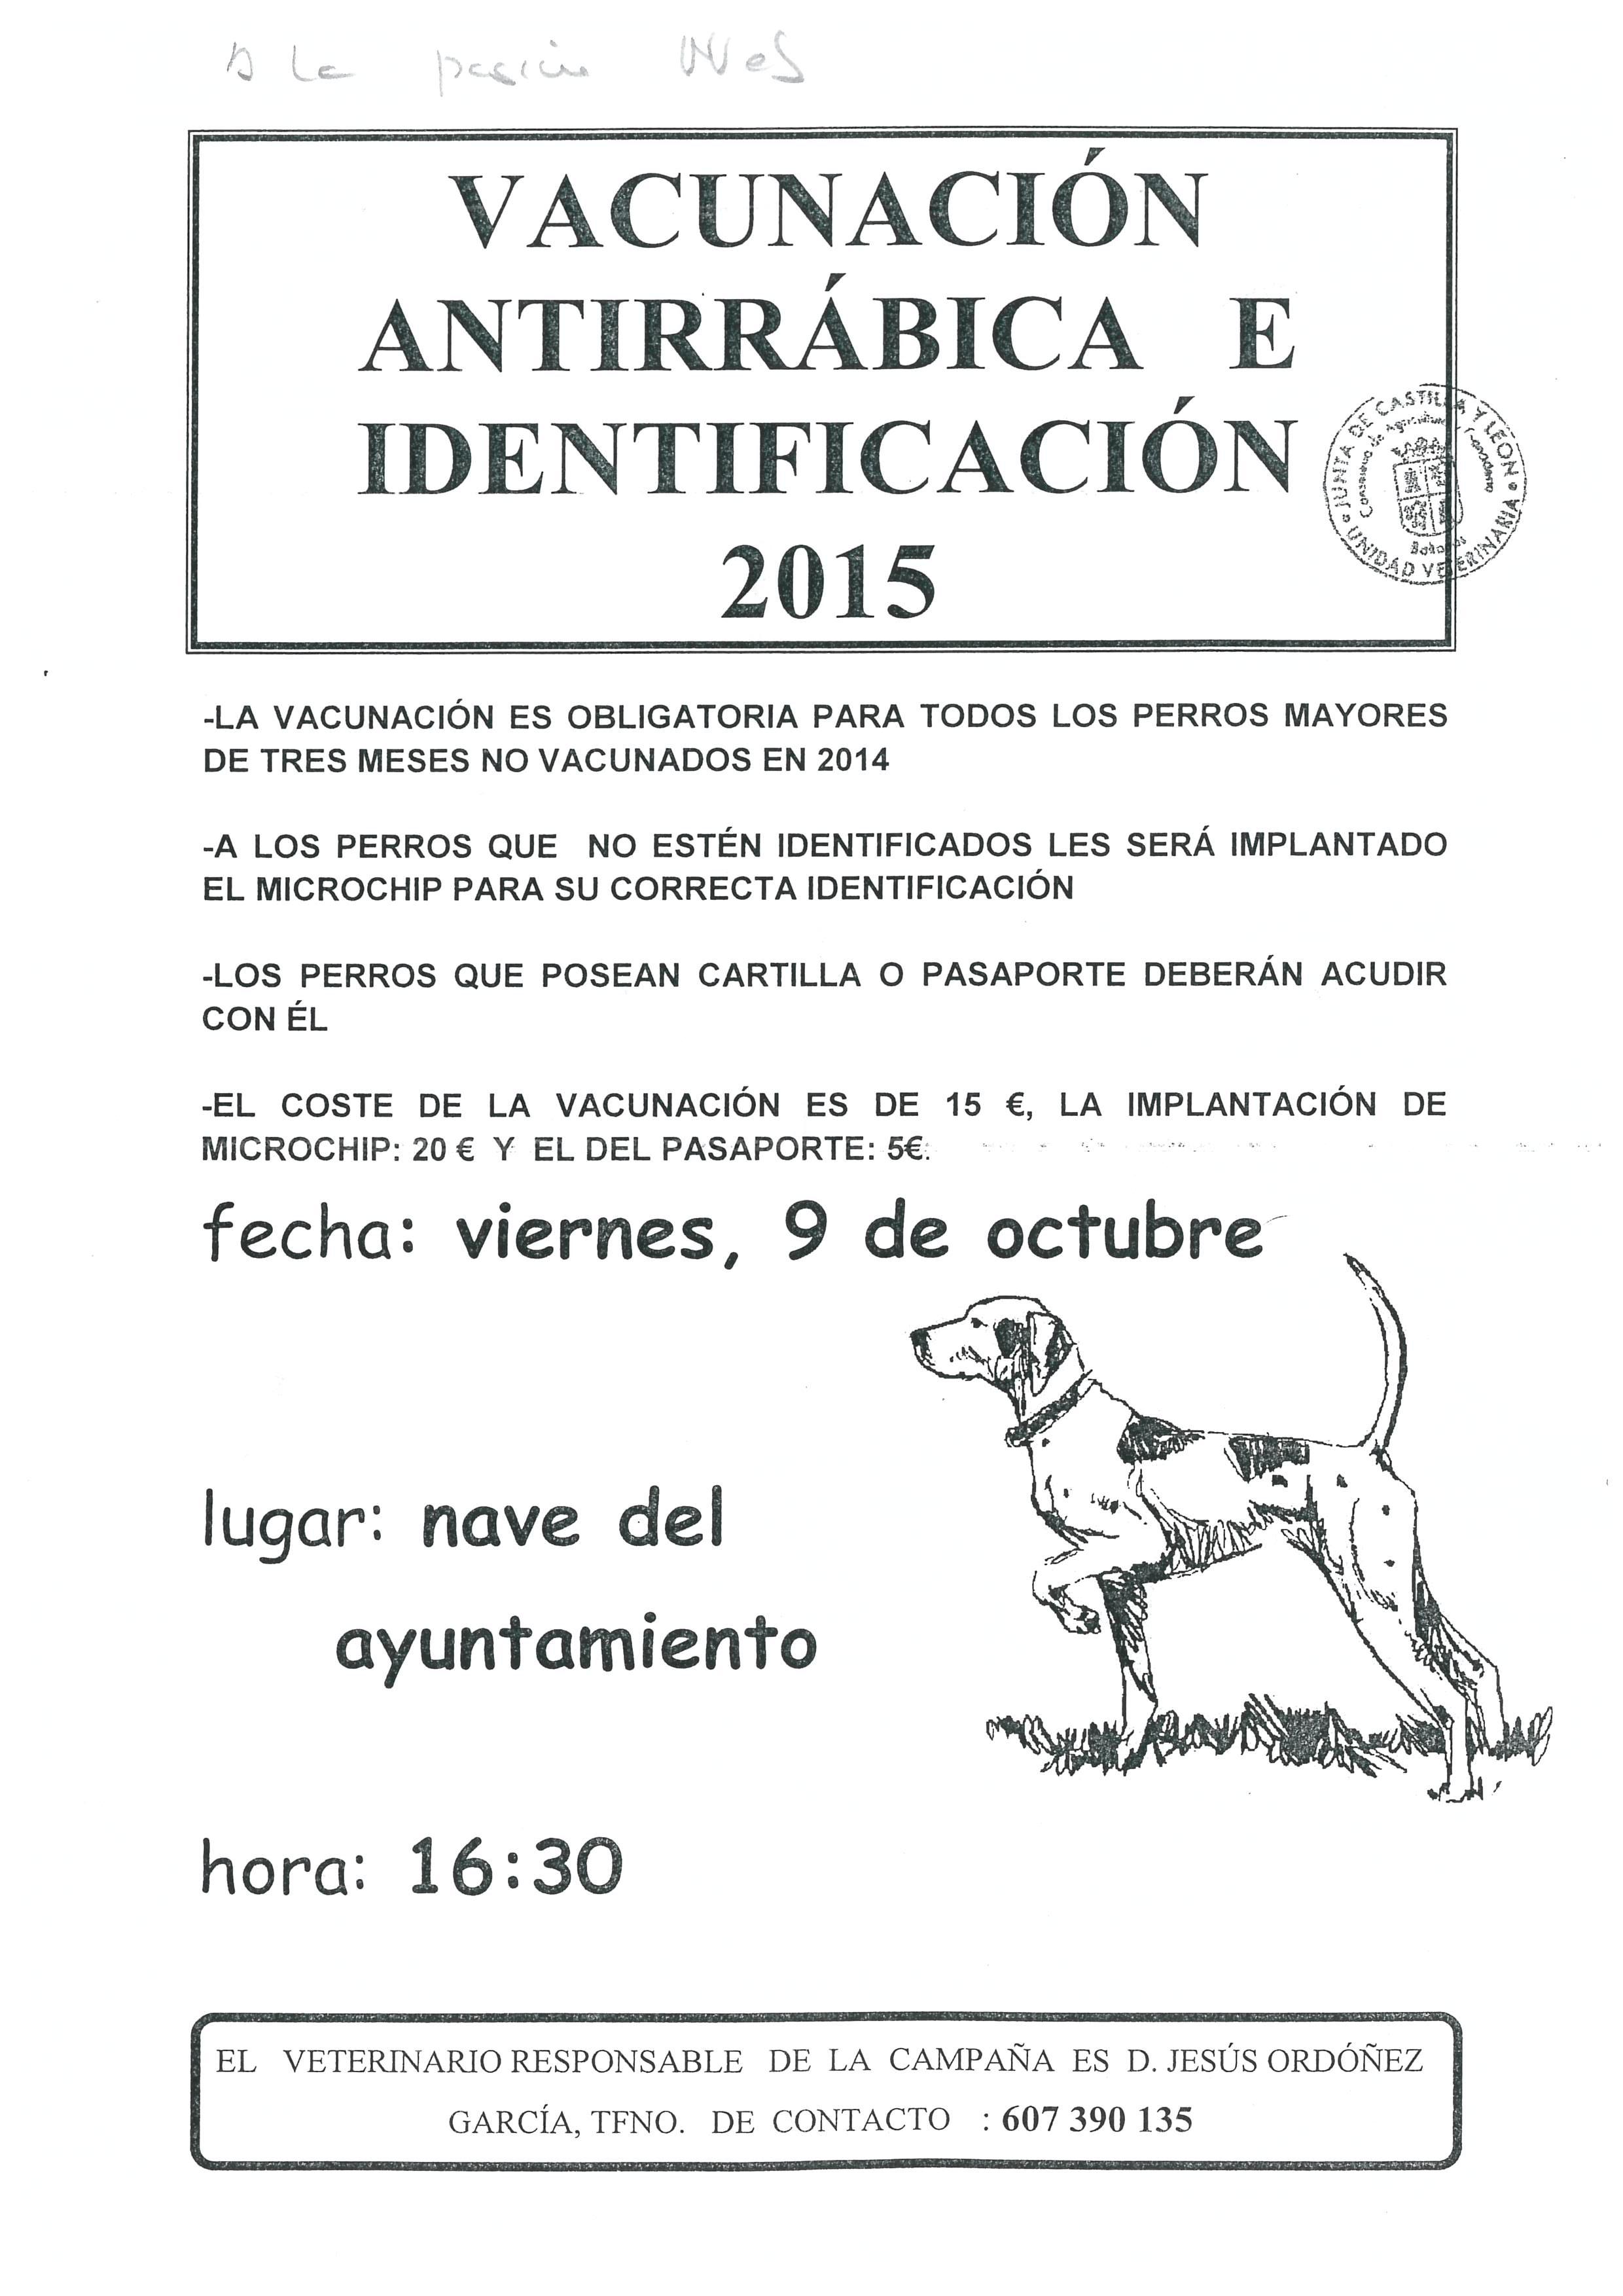 Vacunación antirrábica e identificación 2015